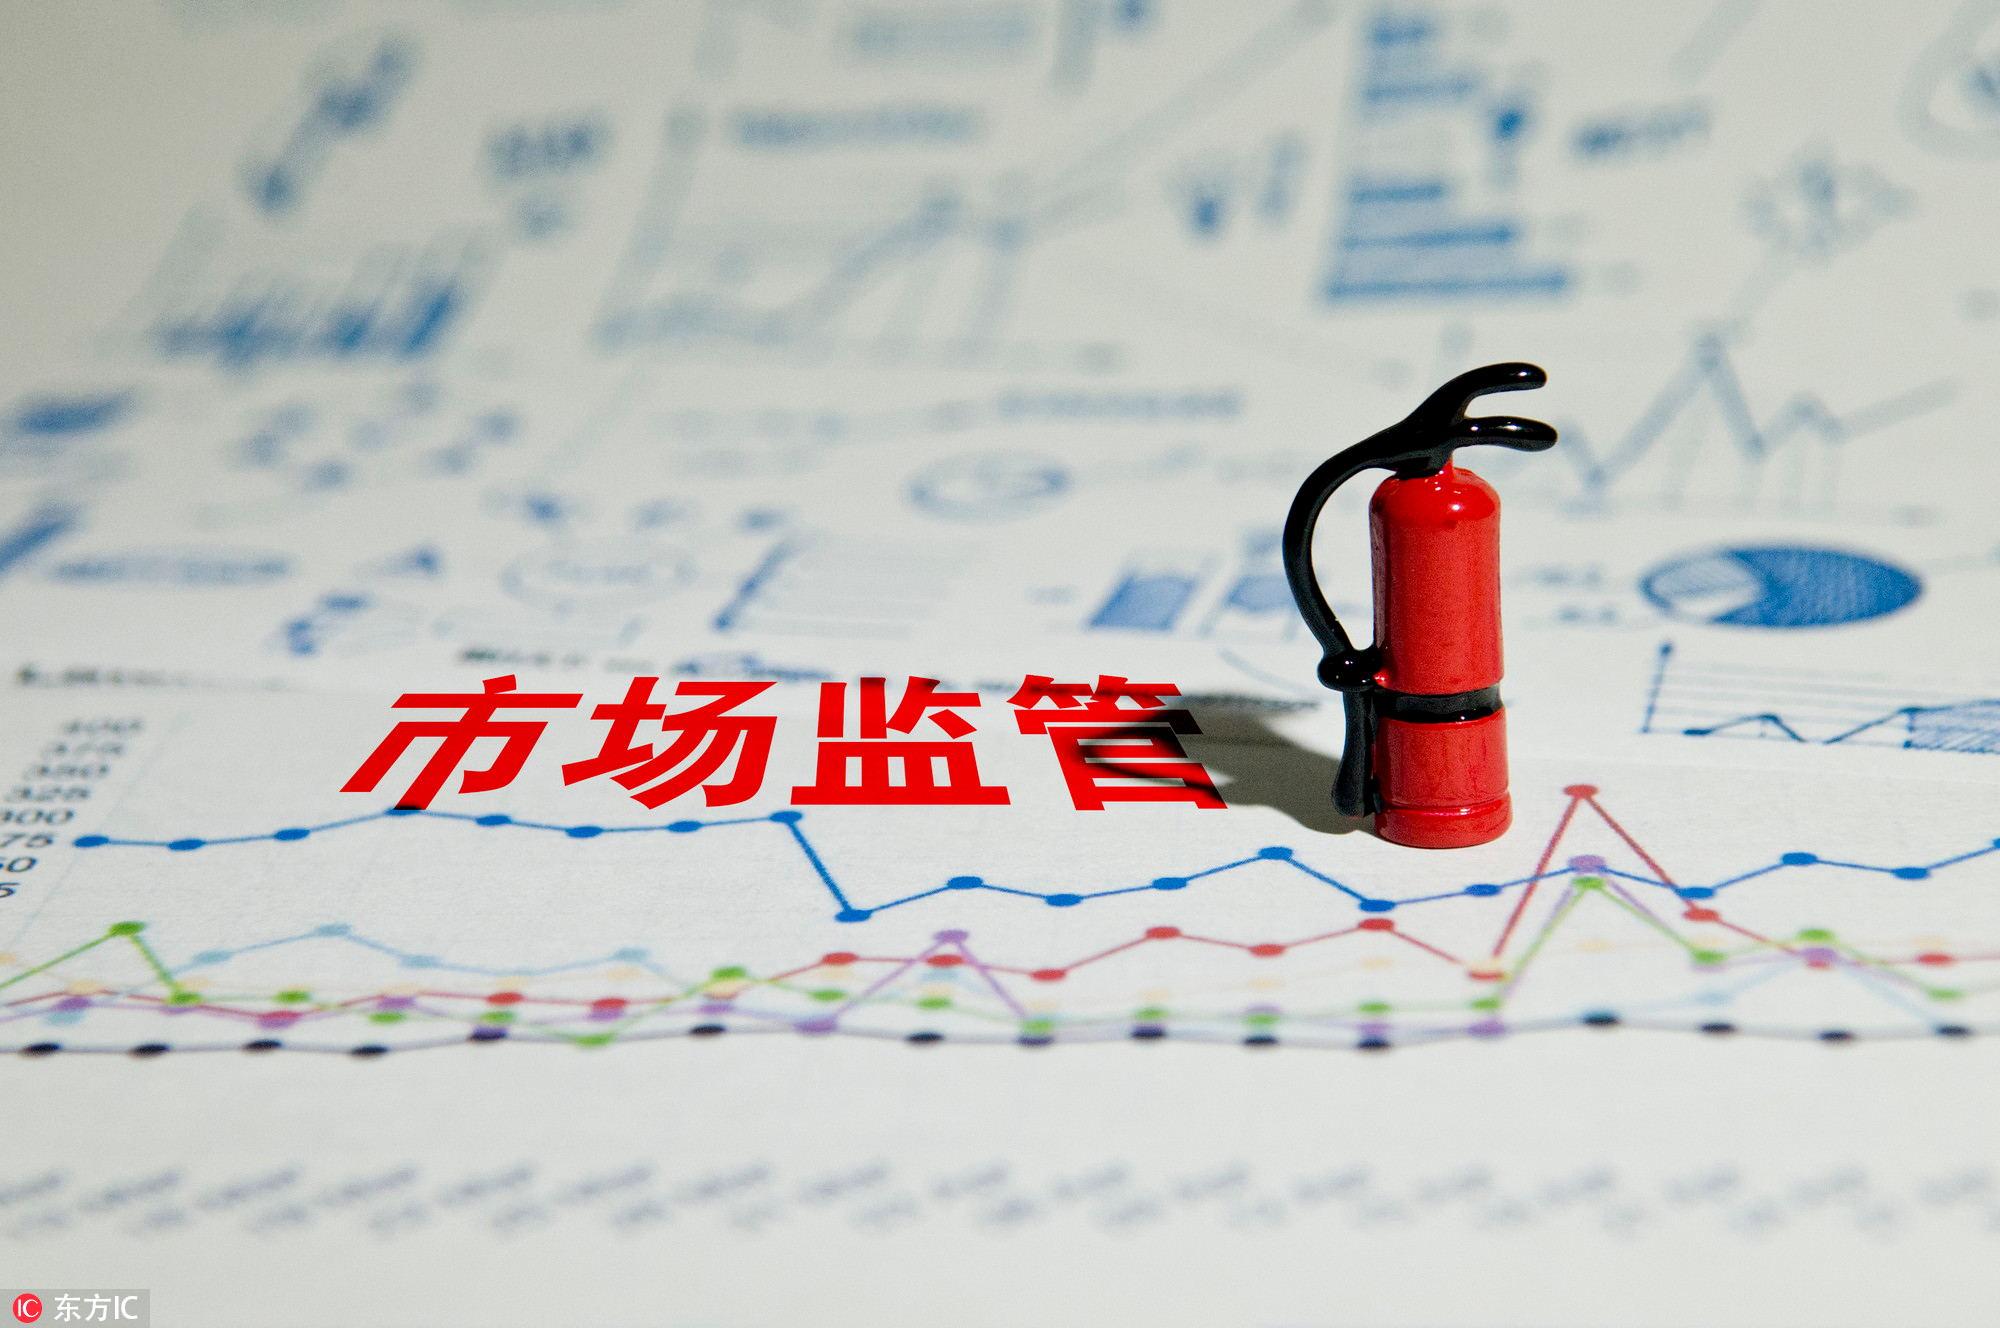 """视觉中国从重被罚30万!人民日报:这样的""""搭配""""让人浮想联翩"""